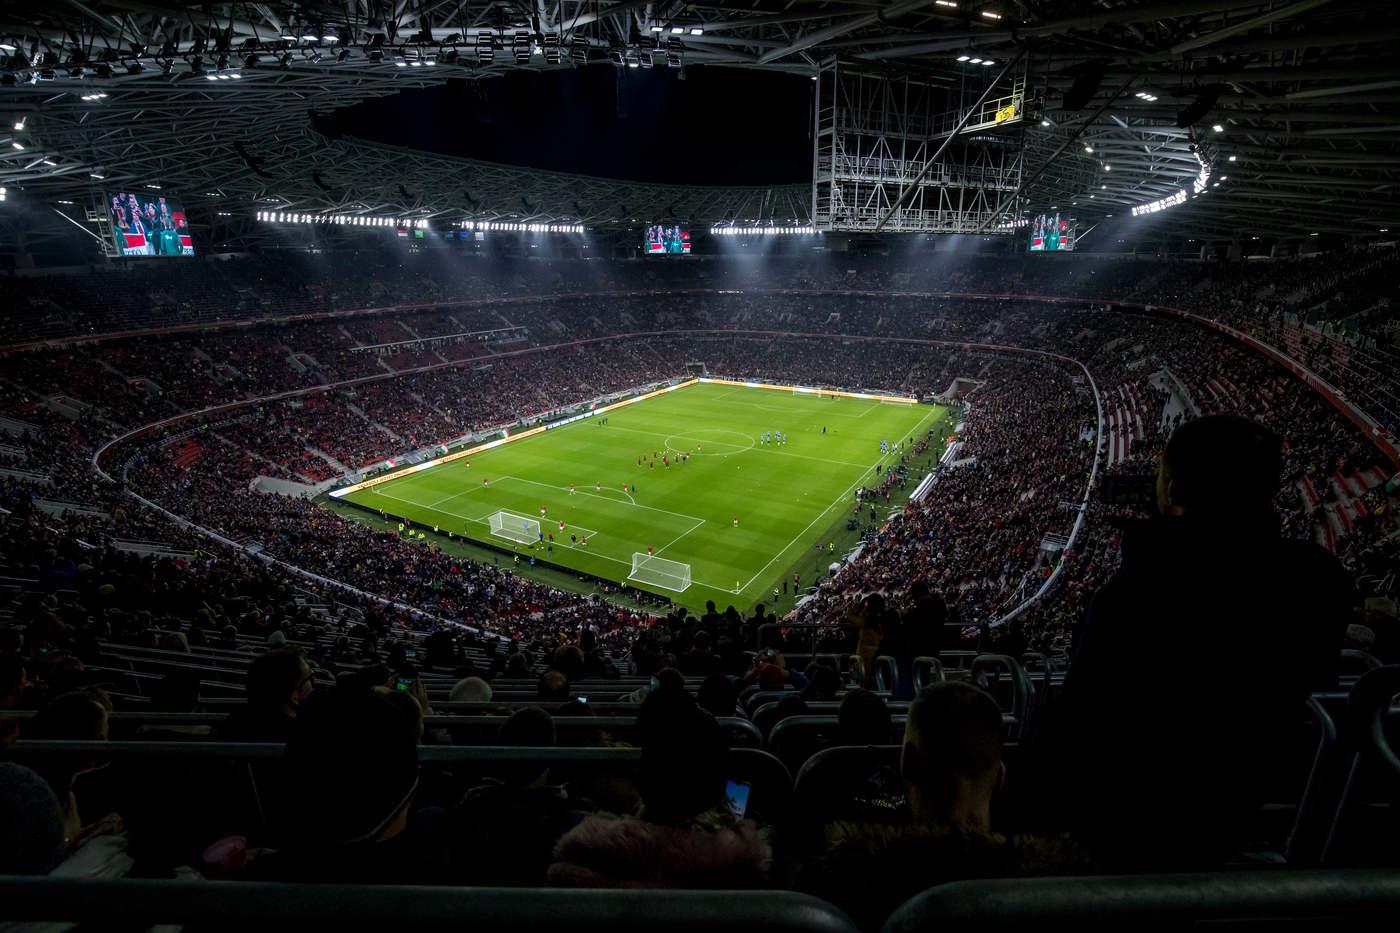 November: Végre átadták Budapesten a Puskás Arénát, a stadionban 67 ezer néző látta a Magyarország-Uruguay focimeccset. Jövőre négy találkozó lesz itt az Eb-n, júliusban pedig az Aerosmith koncertezik majd az arénában.